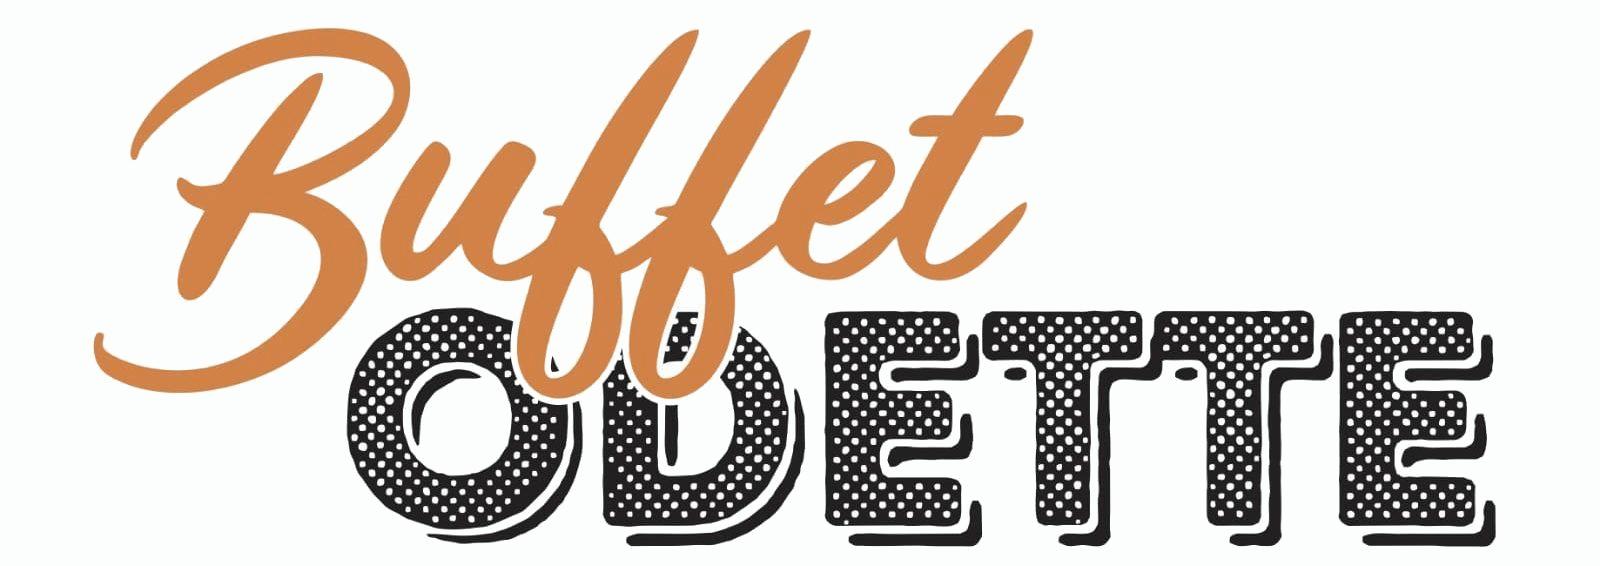 Buffet Odette